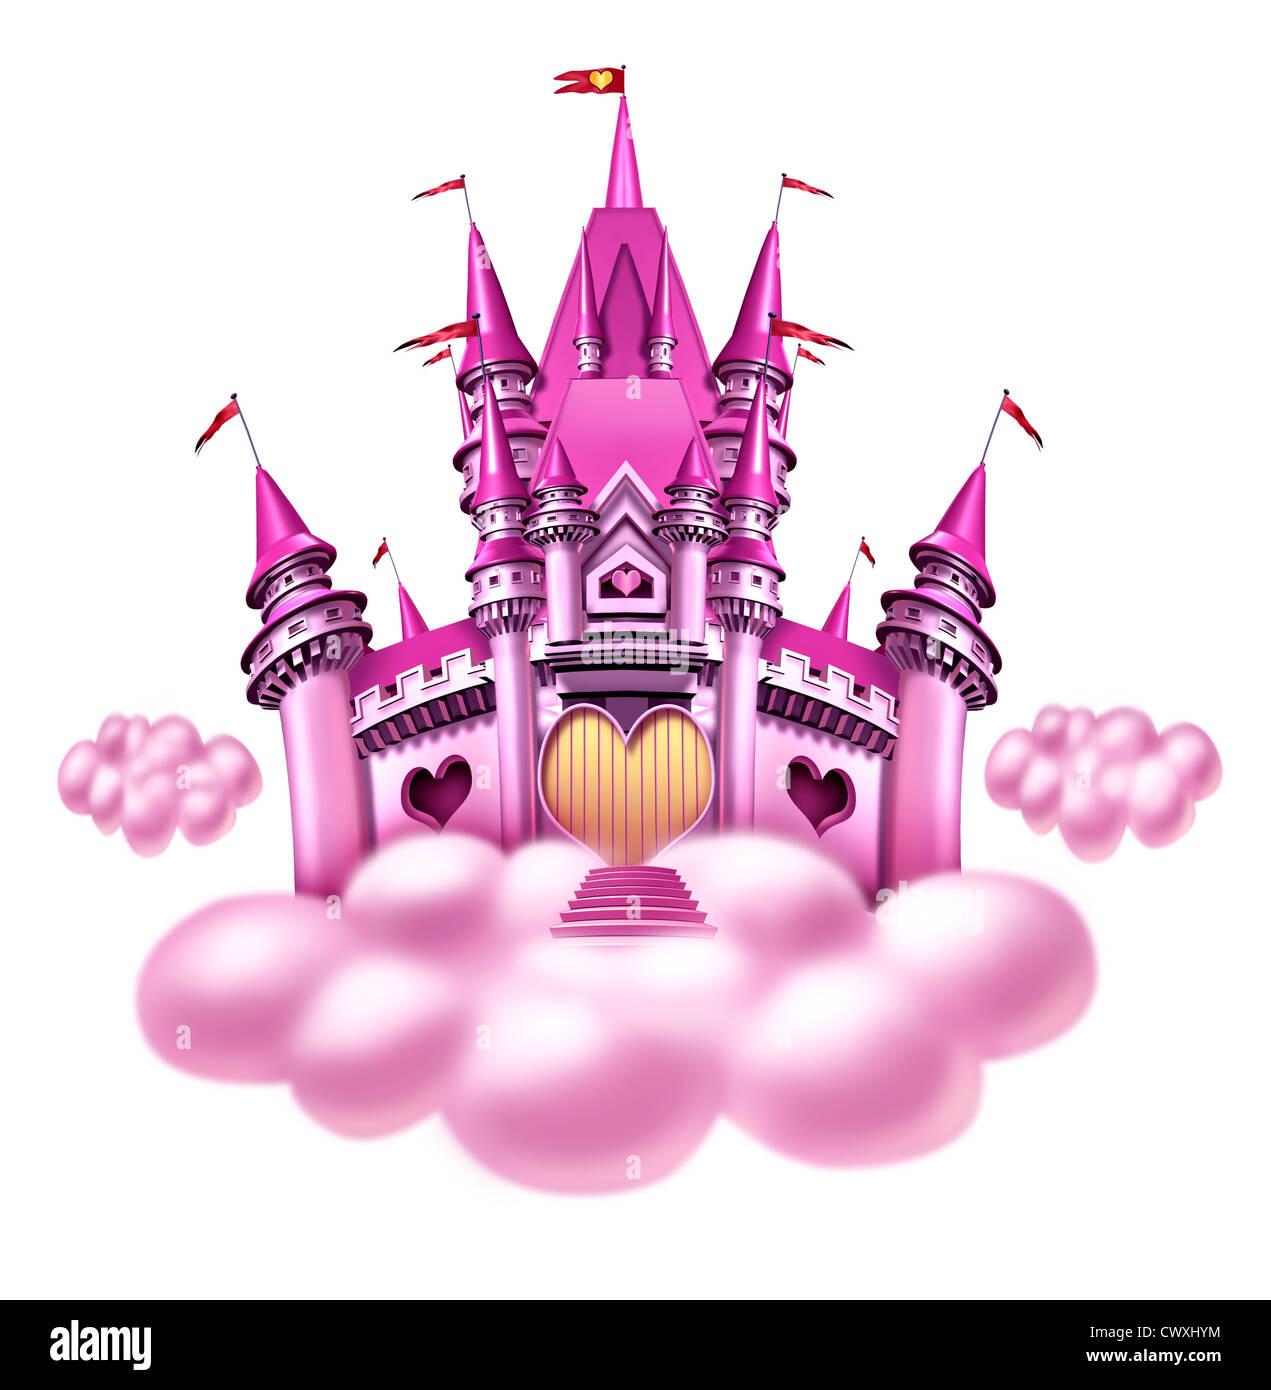 Fantasie Prinzessin Wolke Schloss mit einem Spaß rosa magischen Königreich auf eine flauschige Wolke als Stockbild